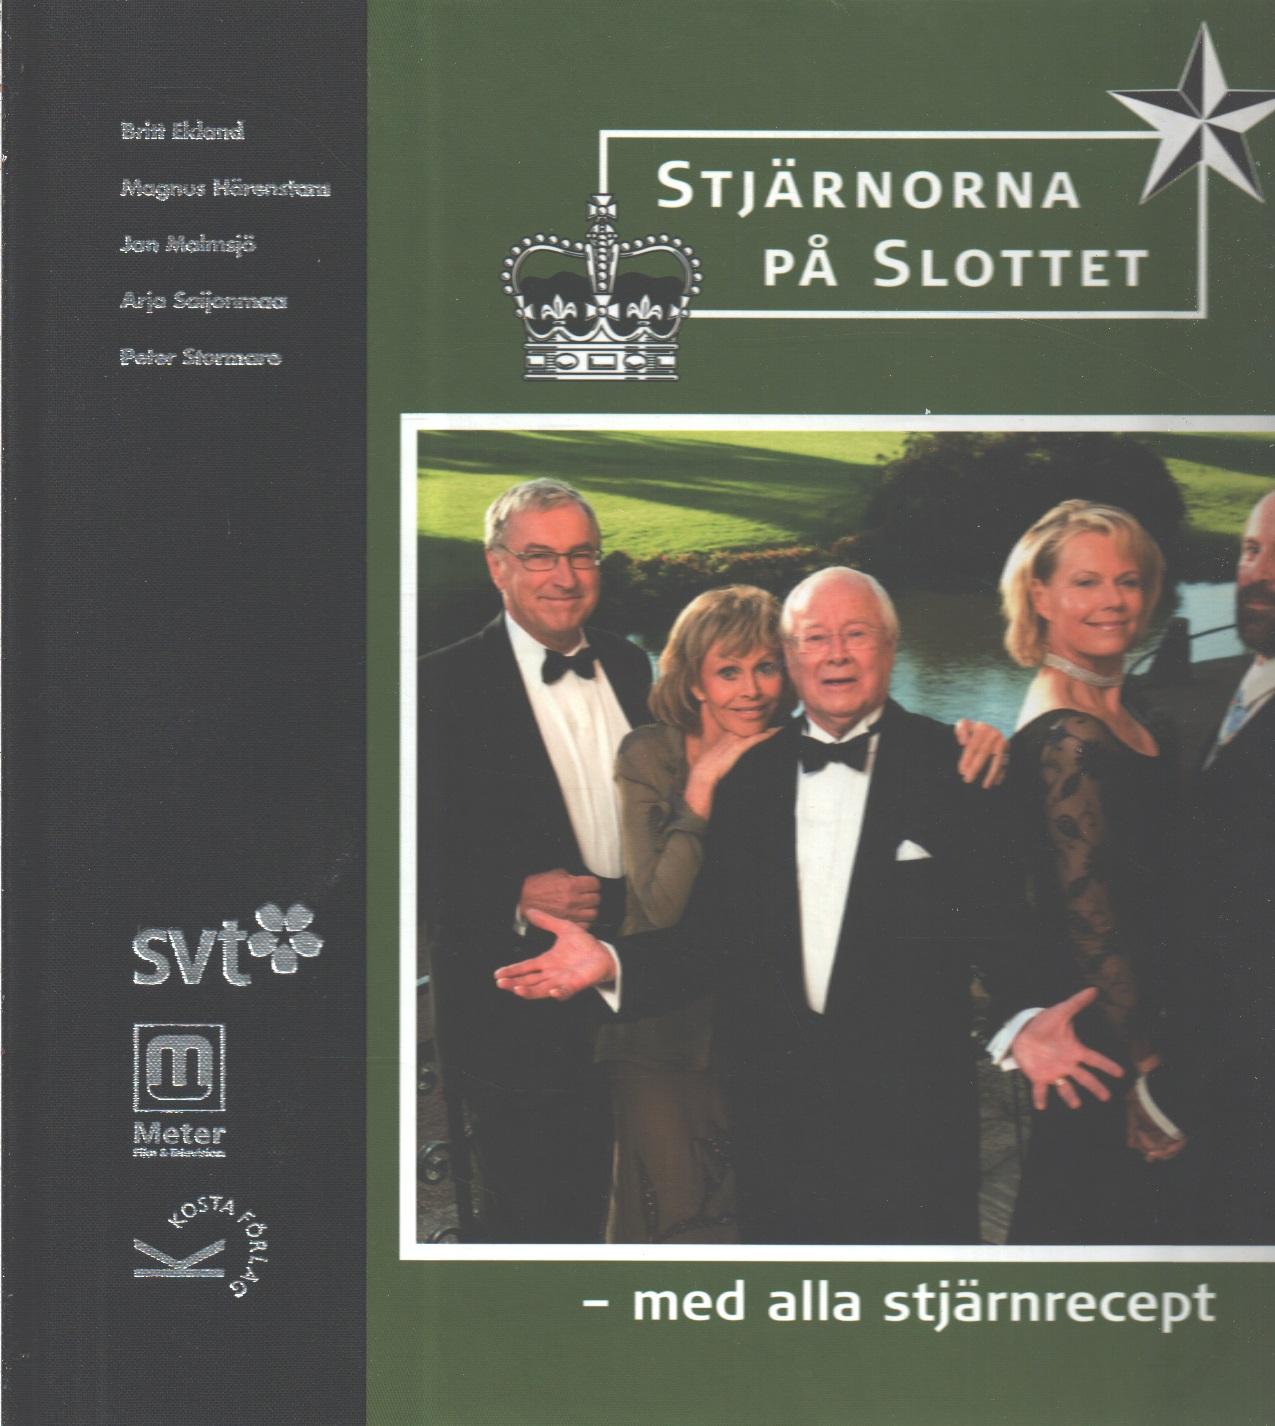 Stjärnorna på slottet : [Britt Ekland, Magnus Härenstam, Jan Malmsjö, Arja Saijonmaa, Peter Stormare  - Edqvist, Lars